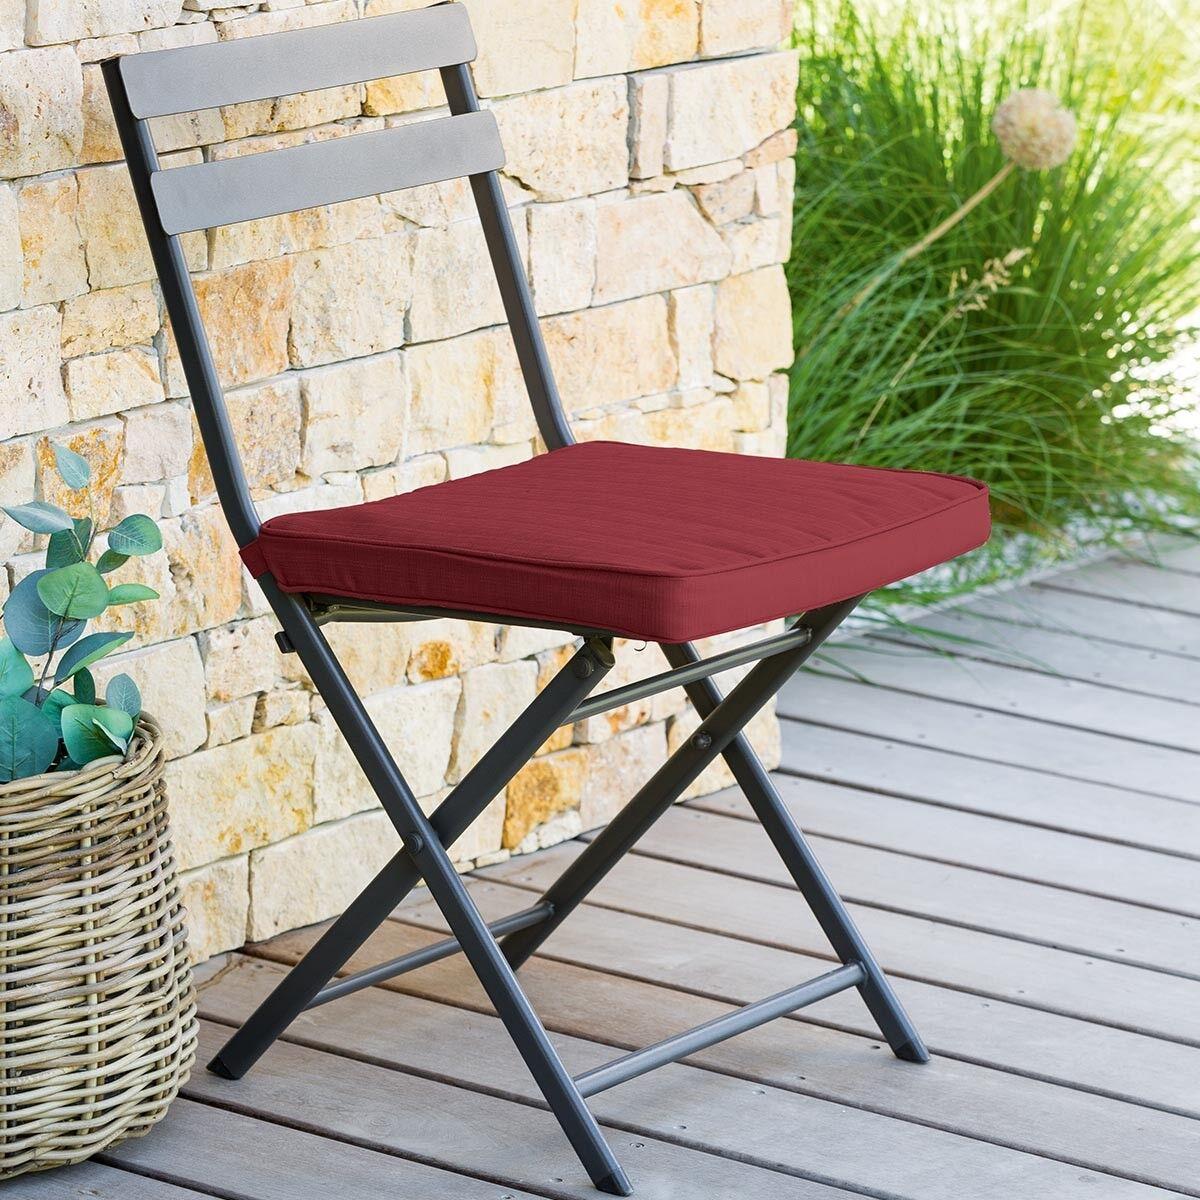 Hespéride Galette de chaise carrée Bordeaux Jardin